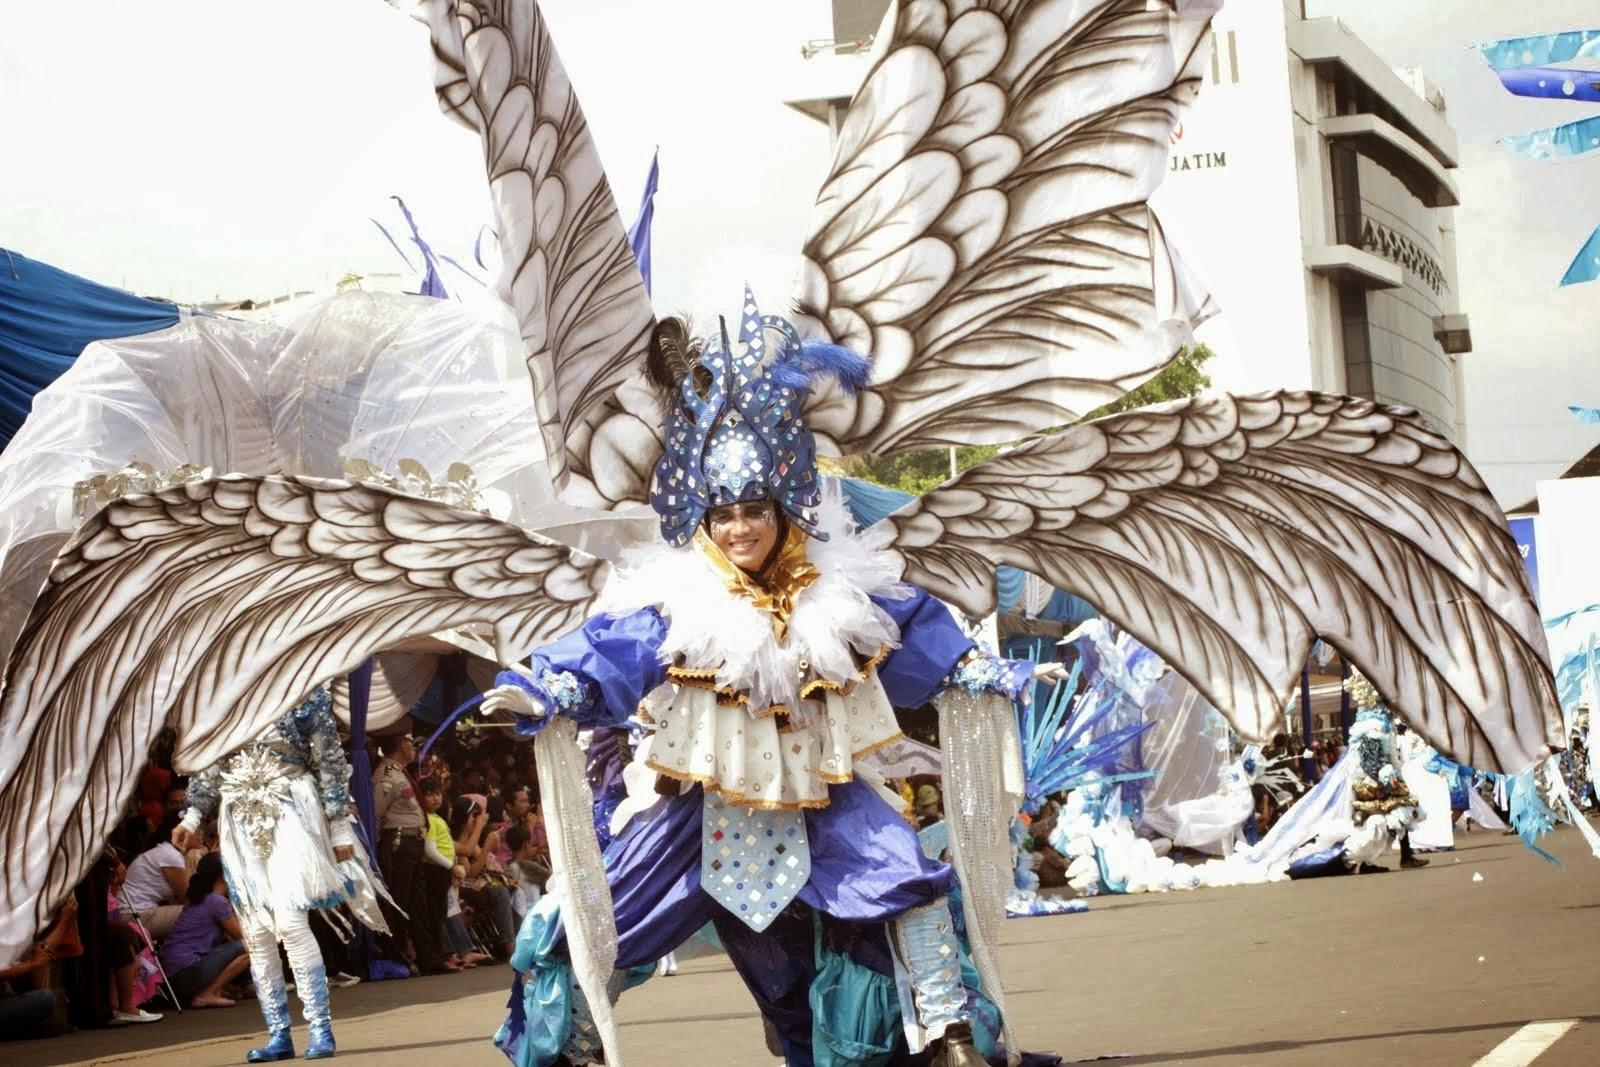 Tempat Wisata Puncak Rembangan Jember Carnival Explore Kerinci Image Result